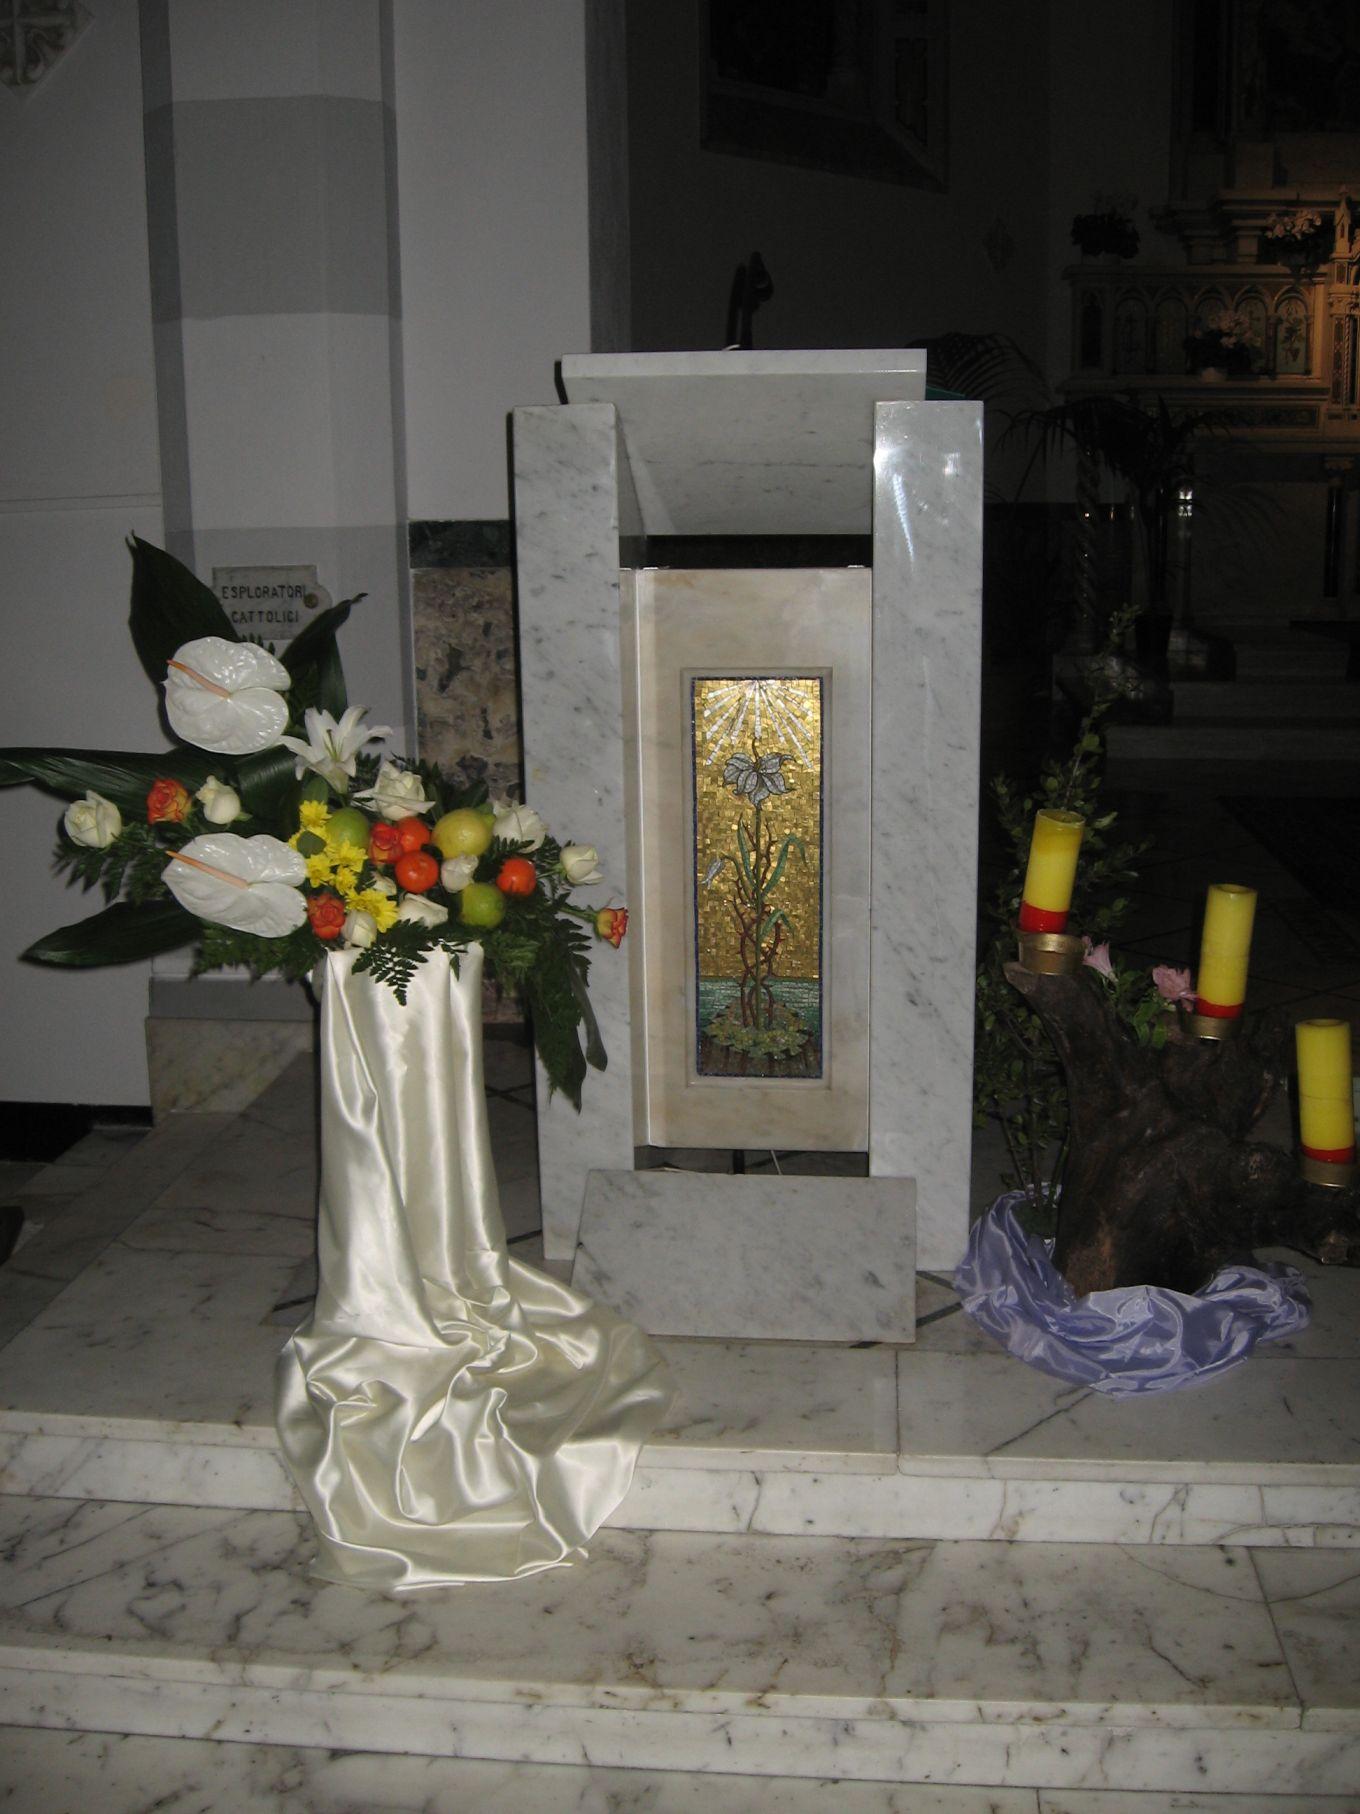 Chiesa_matrimonio-2008-12-14--10.05.28.jpg